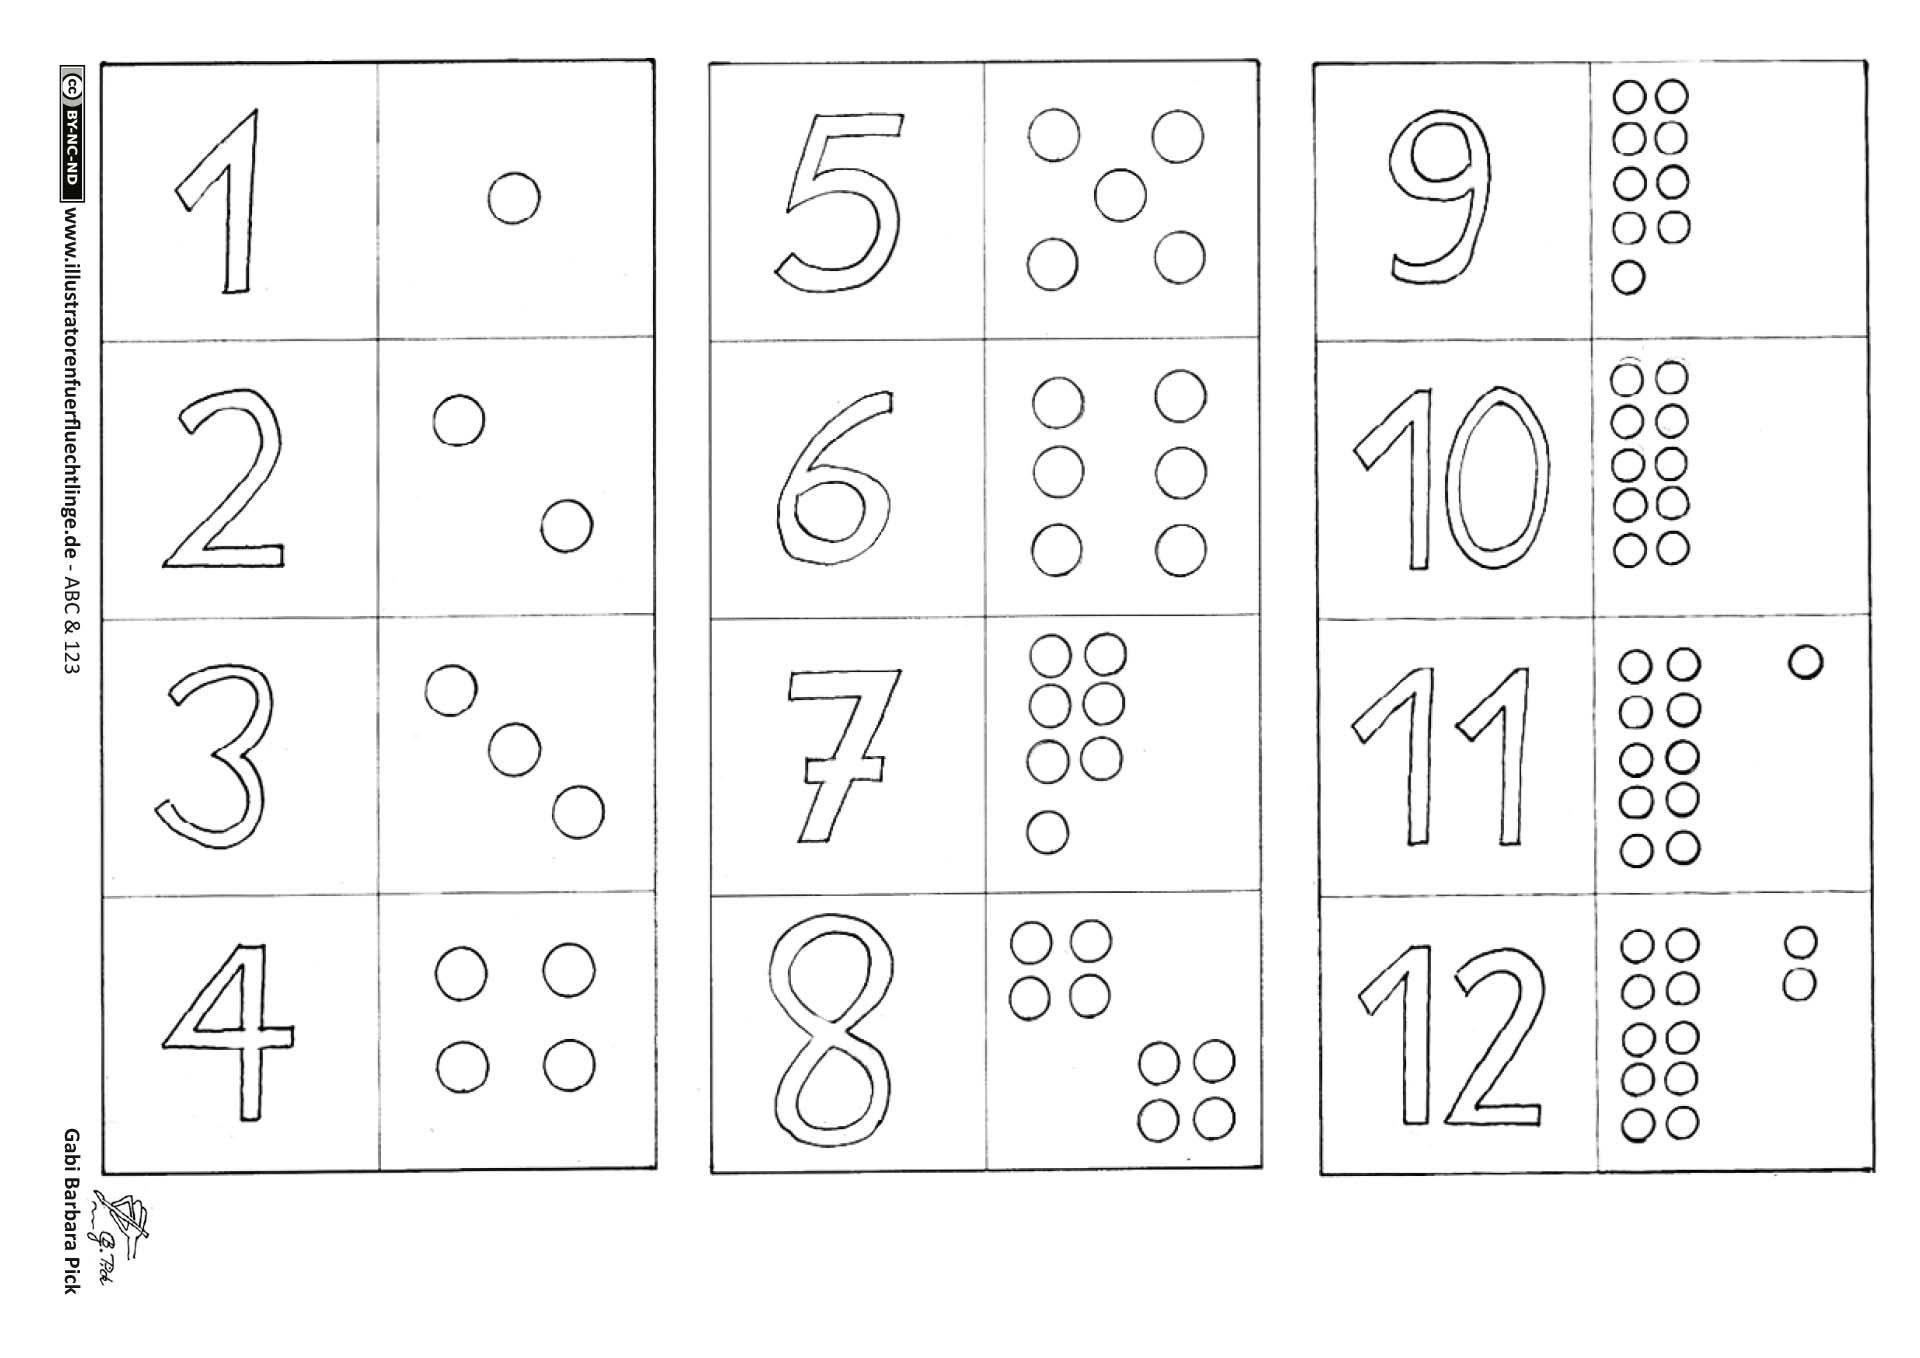 Zahlen Memo Spiel 2 Seiten (Mit Bildern)   Buchstaben Lernen über Zahlen Lernen Spiel